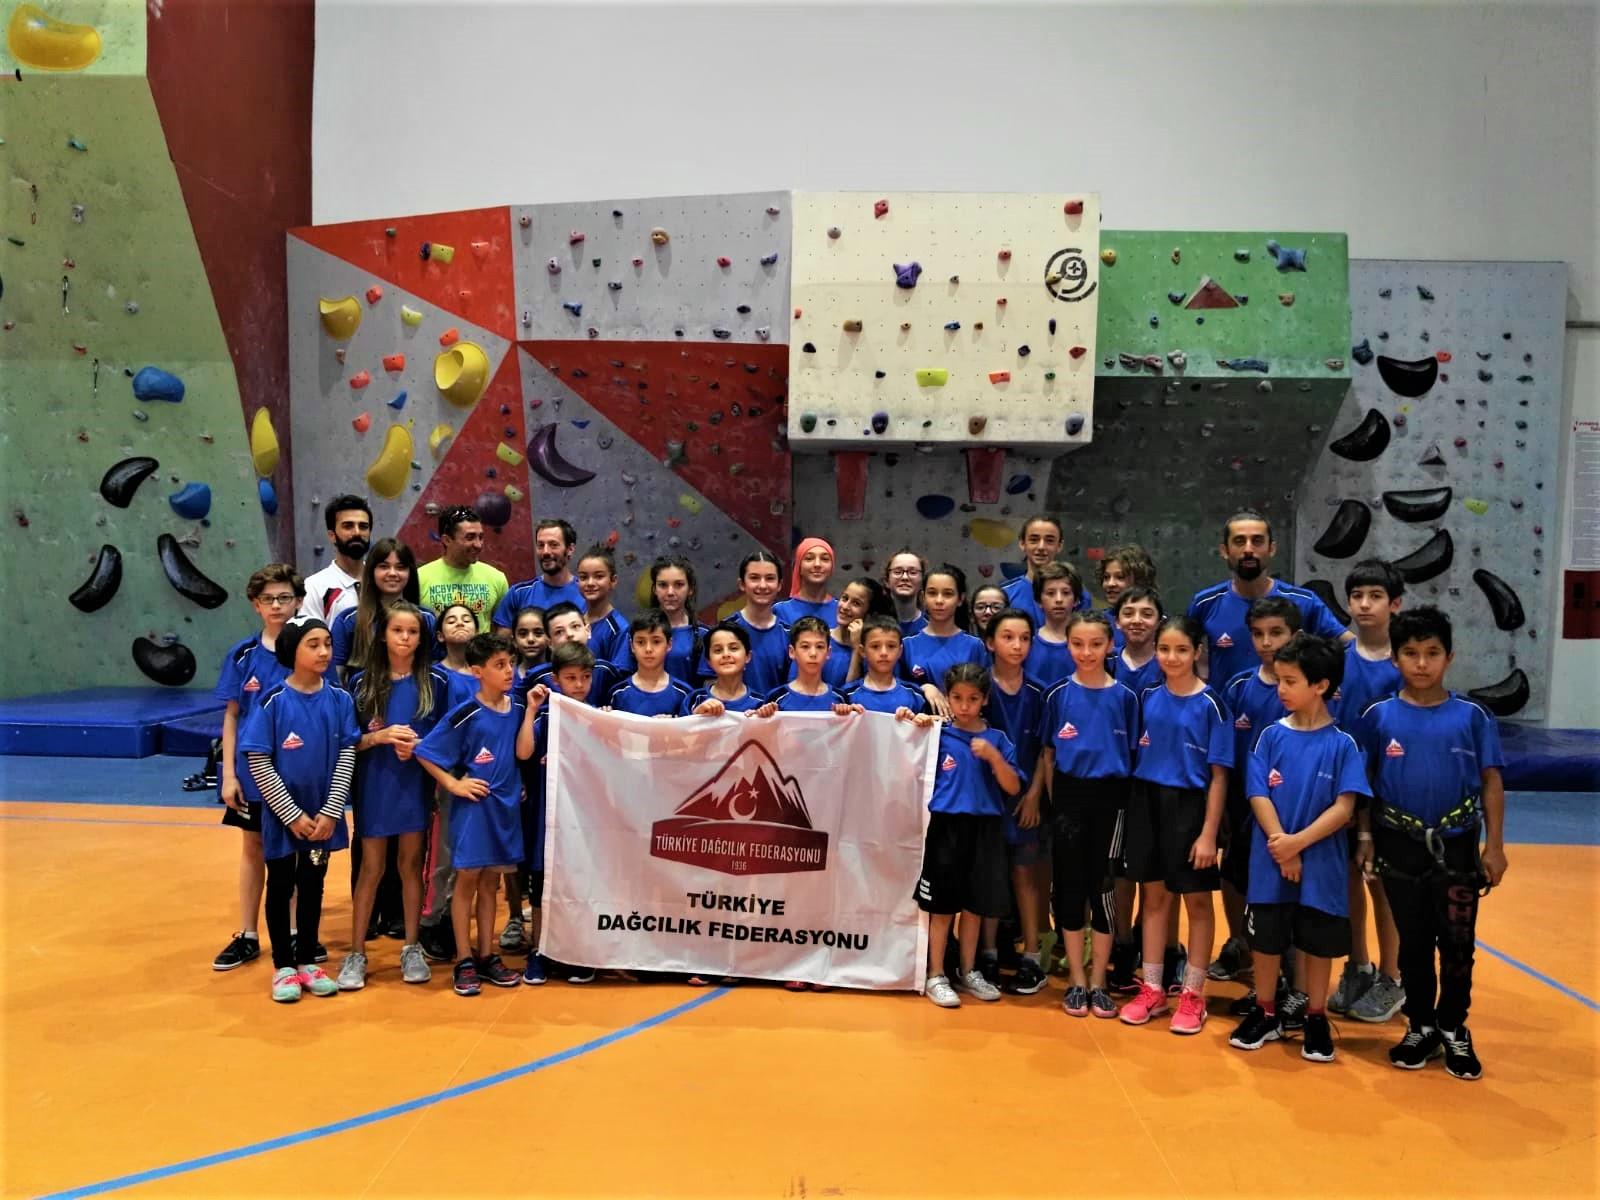 Spor Tırmanış Milli Takım Minikler Kampı başarı ile Malatya'da tamamlandı.